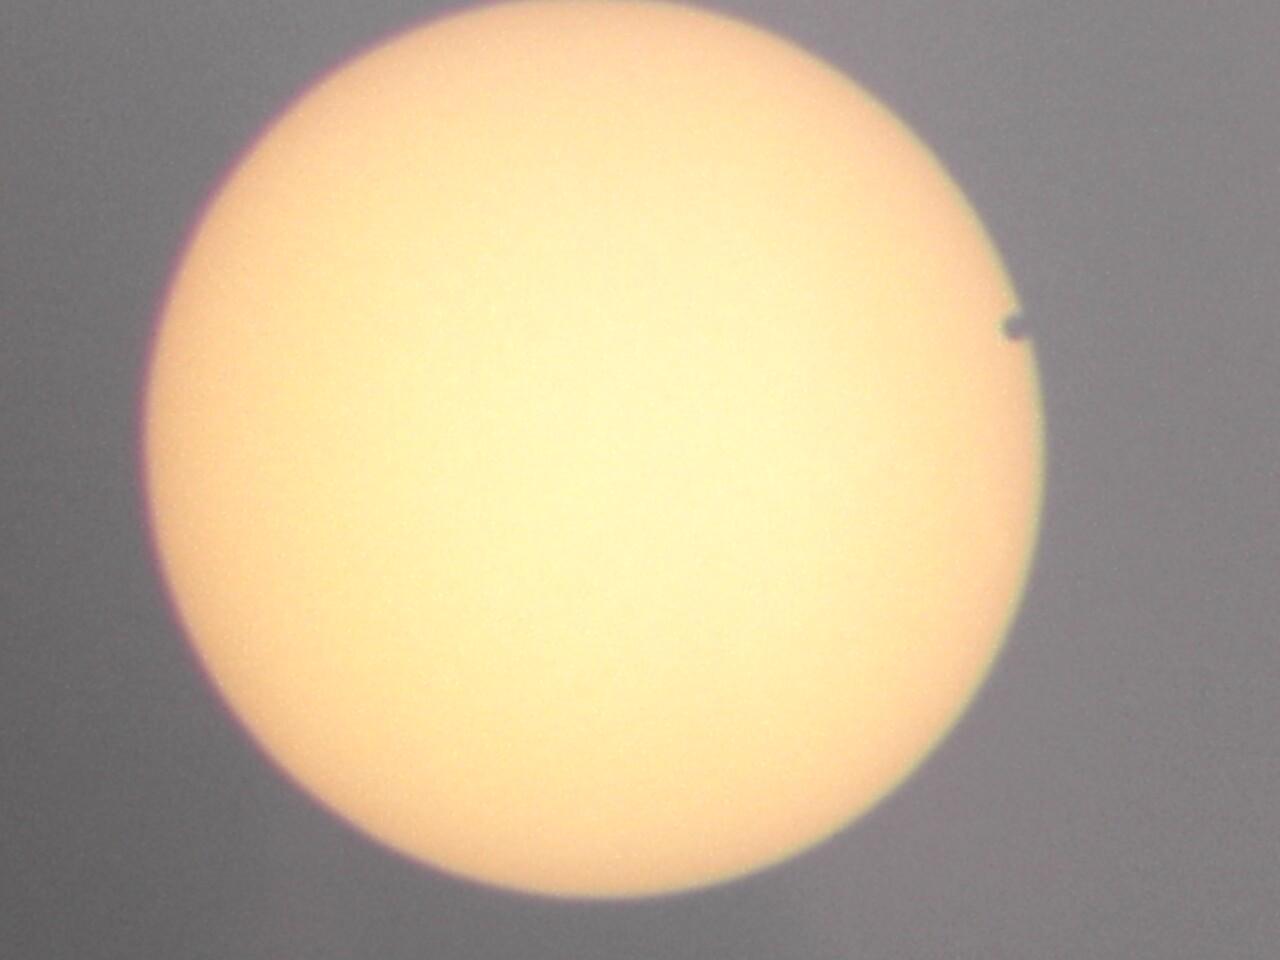 Малюнак Венеры транзітная Сонца, як відаць з Піцбурга 2004 8 Чэрвеня